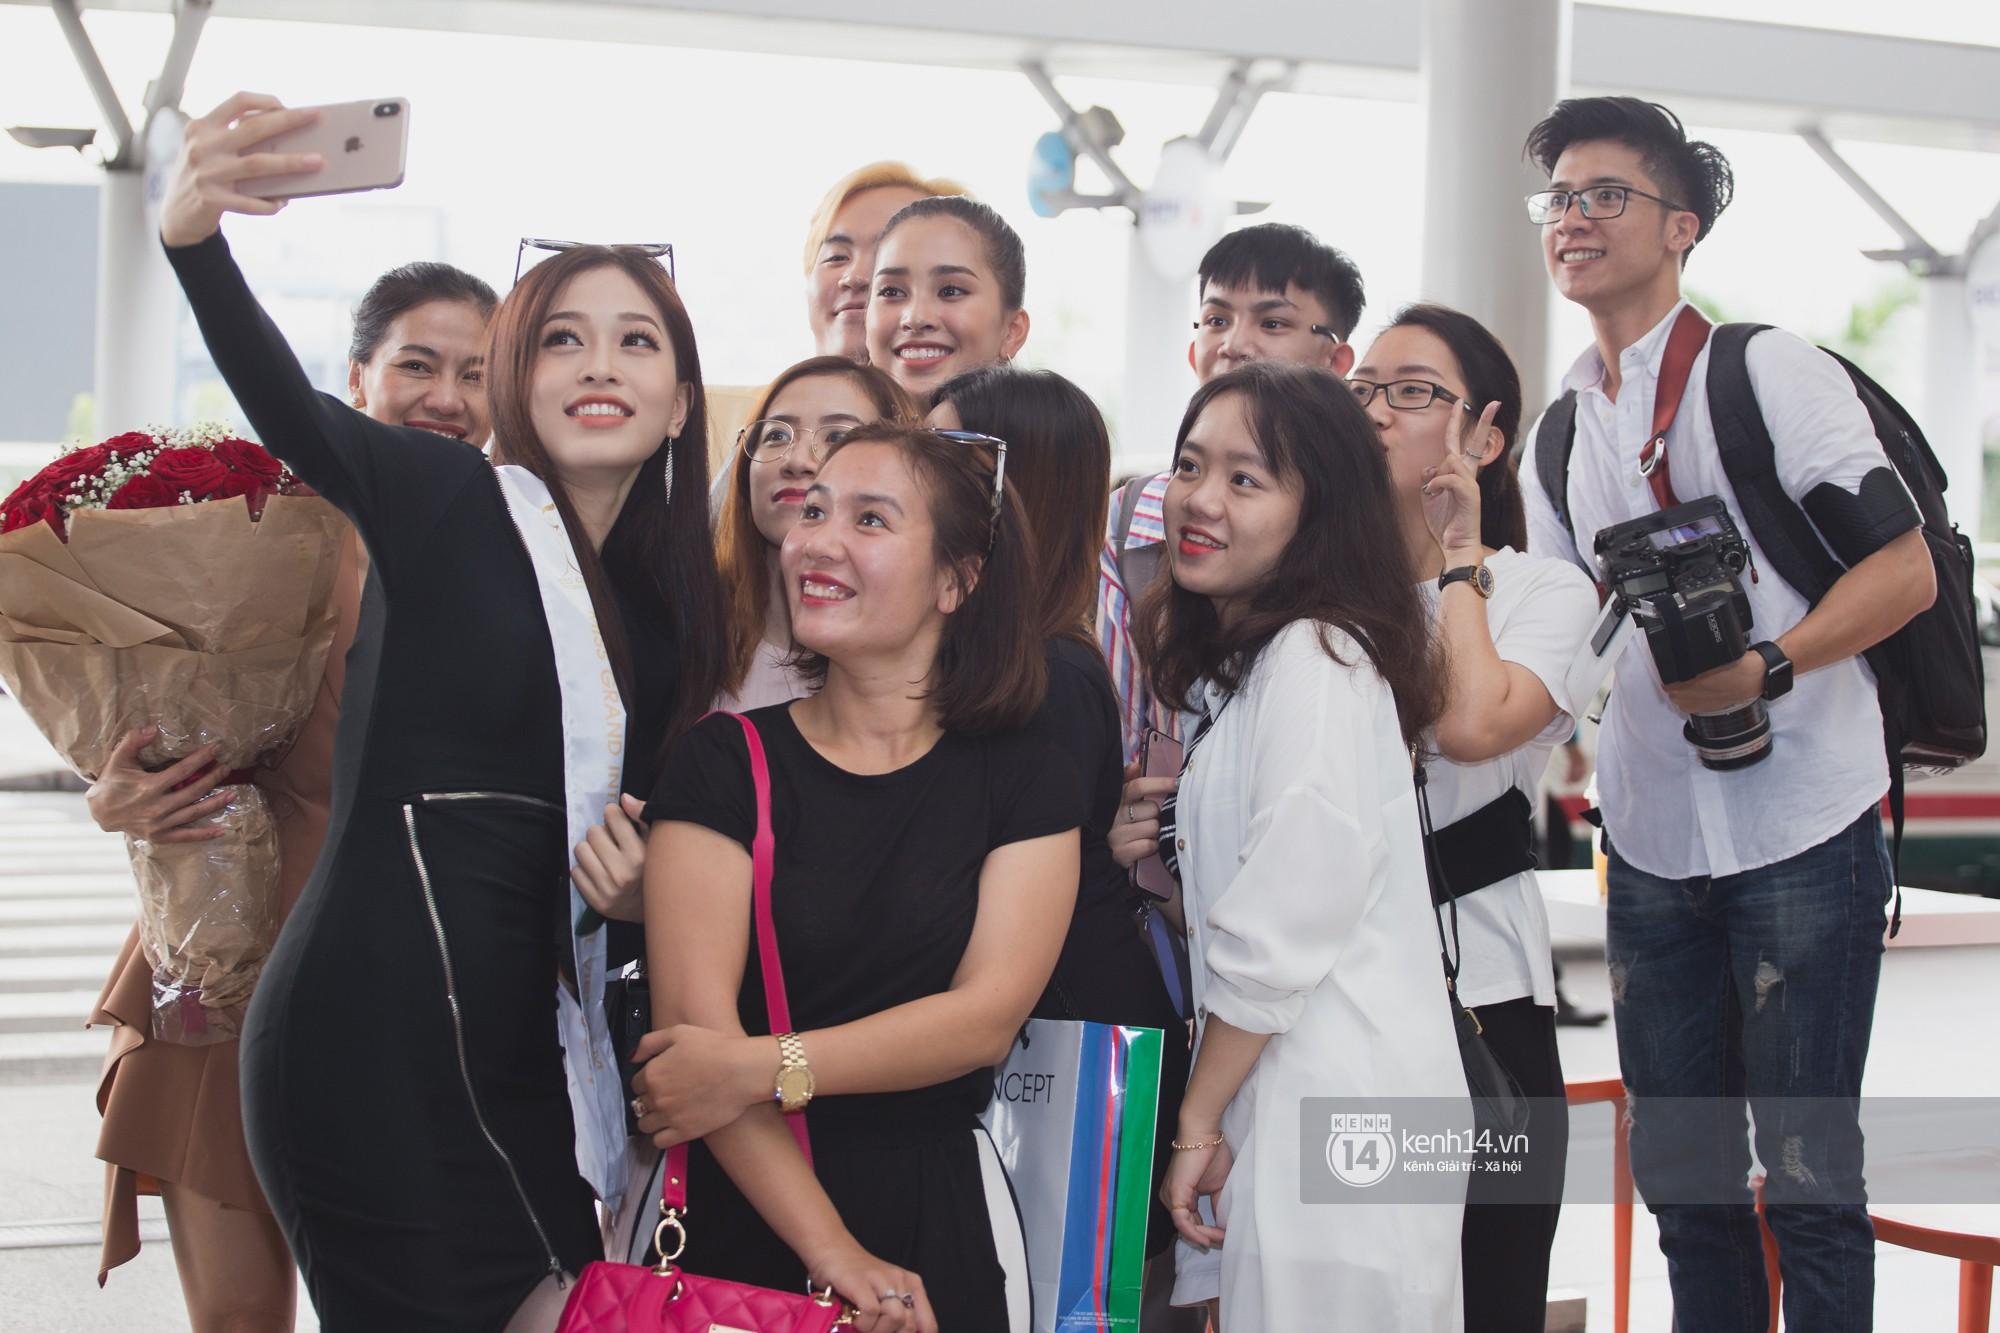 Vừa trở về từ Pháp tức thì, Trần Tiểu Vy ở lại sân bay tiễn Bùi Phương Nga đi Myanmar tham dự Hoa hậu Hoà bình Quốc tế - Ảnh 16.